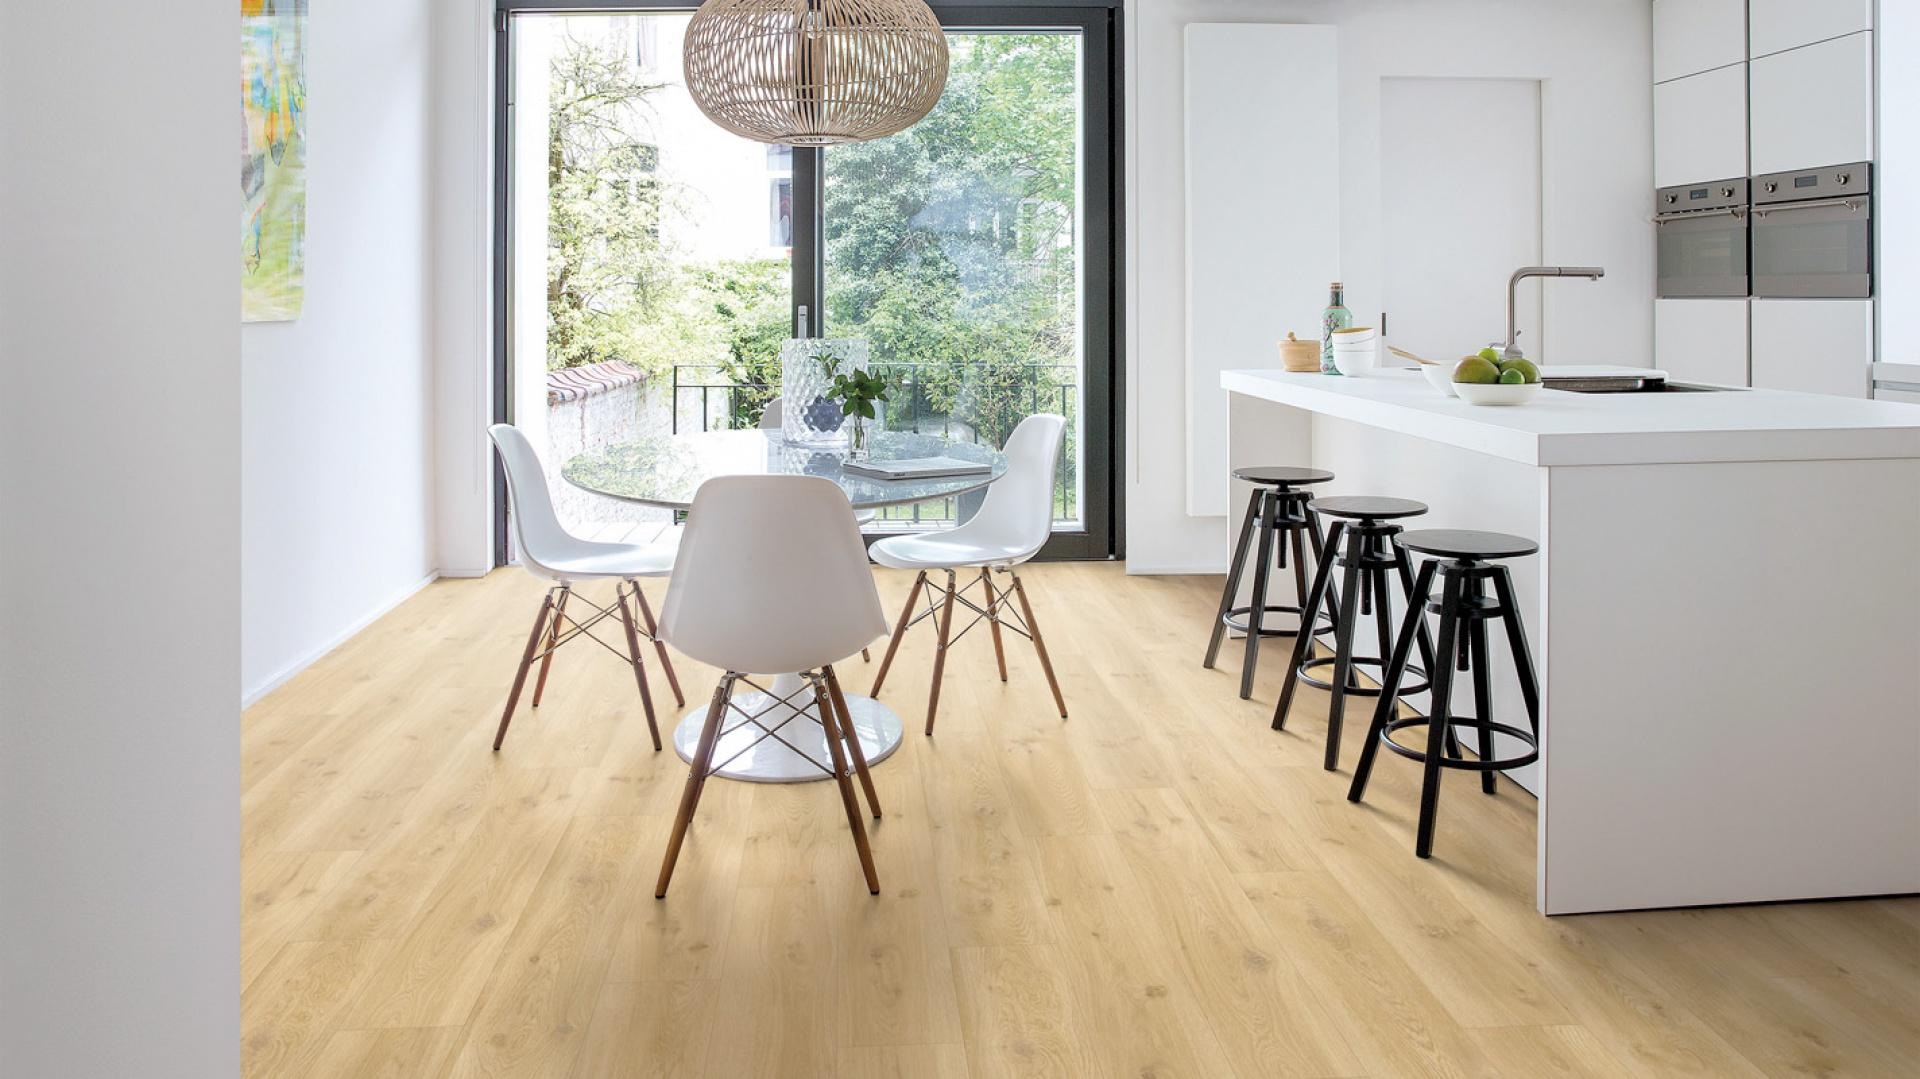 Nowe standardy jakości podłóg winylowych ustanowiła belgijska marka Quick-Step dzięki nowoczesnej inżynierii produkcji i ogromnej dbałości o design. Podloga winylowa Balance Click. Fot. Quick Step